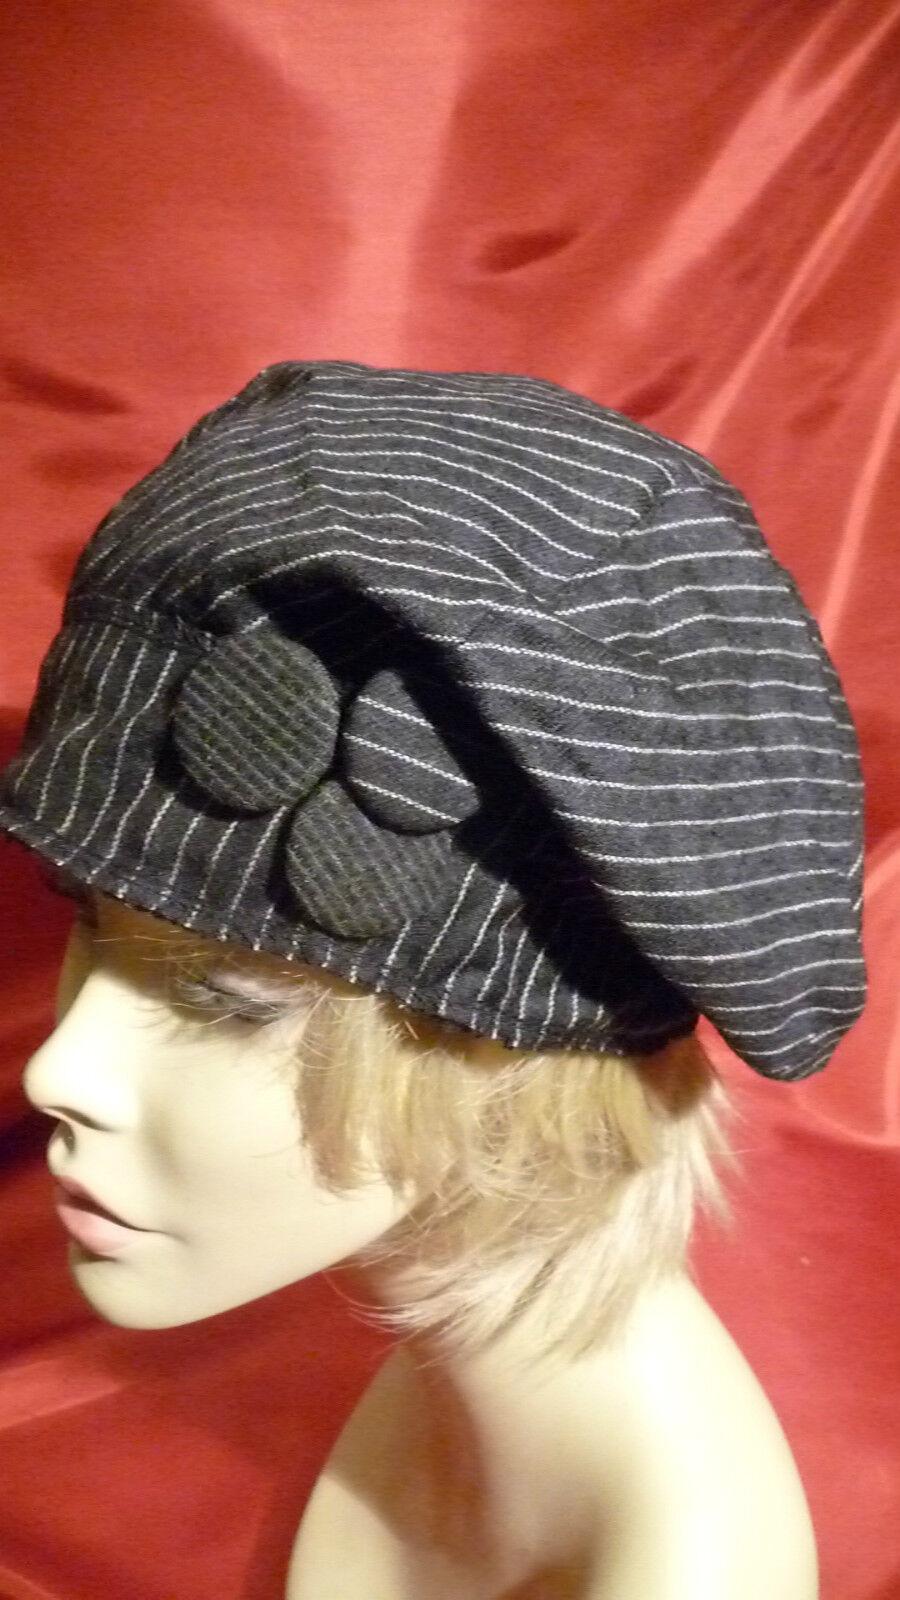 Mütze Wolle Barett WOLLMÜTZE Atelier Hut Einheitsgröße BROSCHEN Hat Chapeau | Wir haben von unseren Kunden Lob erhalten.  | Nutzen Sie Materialien voll aus  | Discount